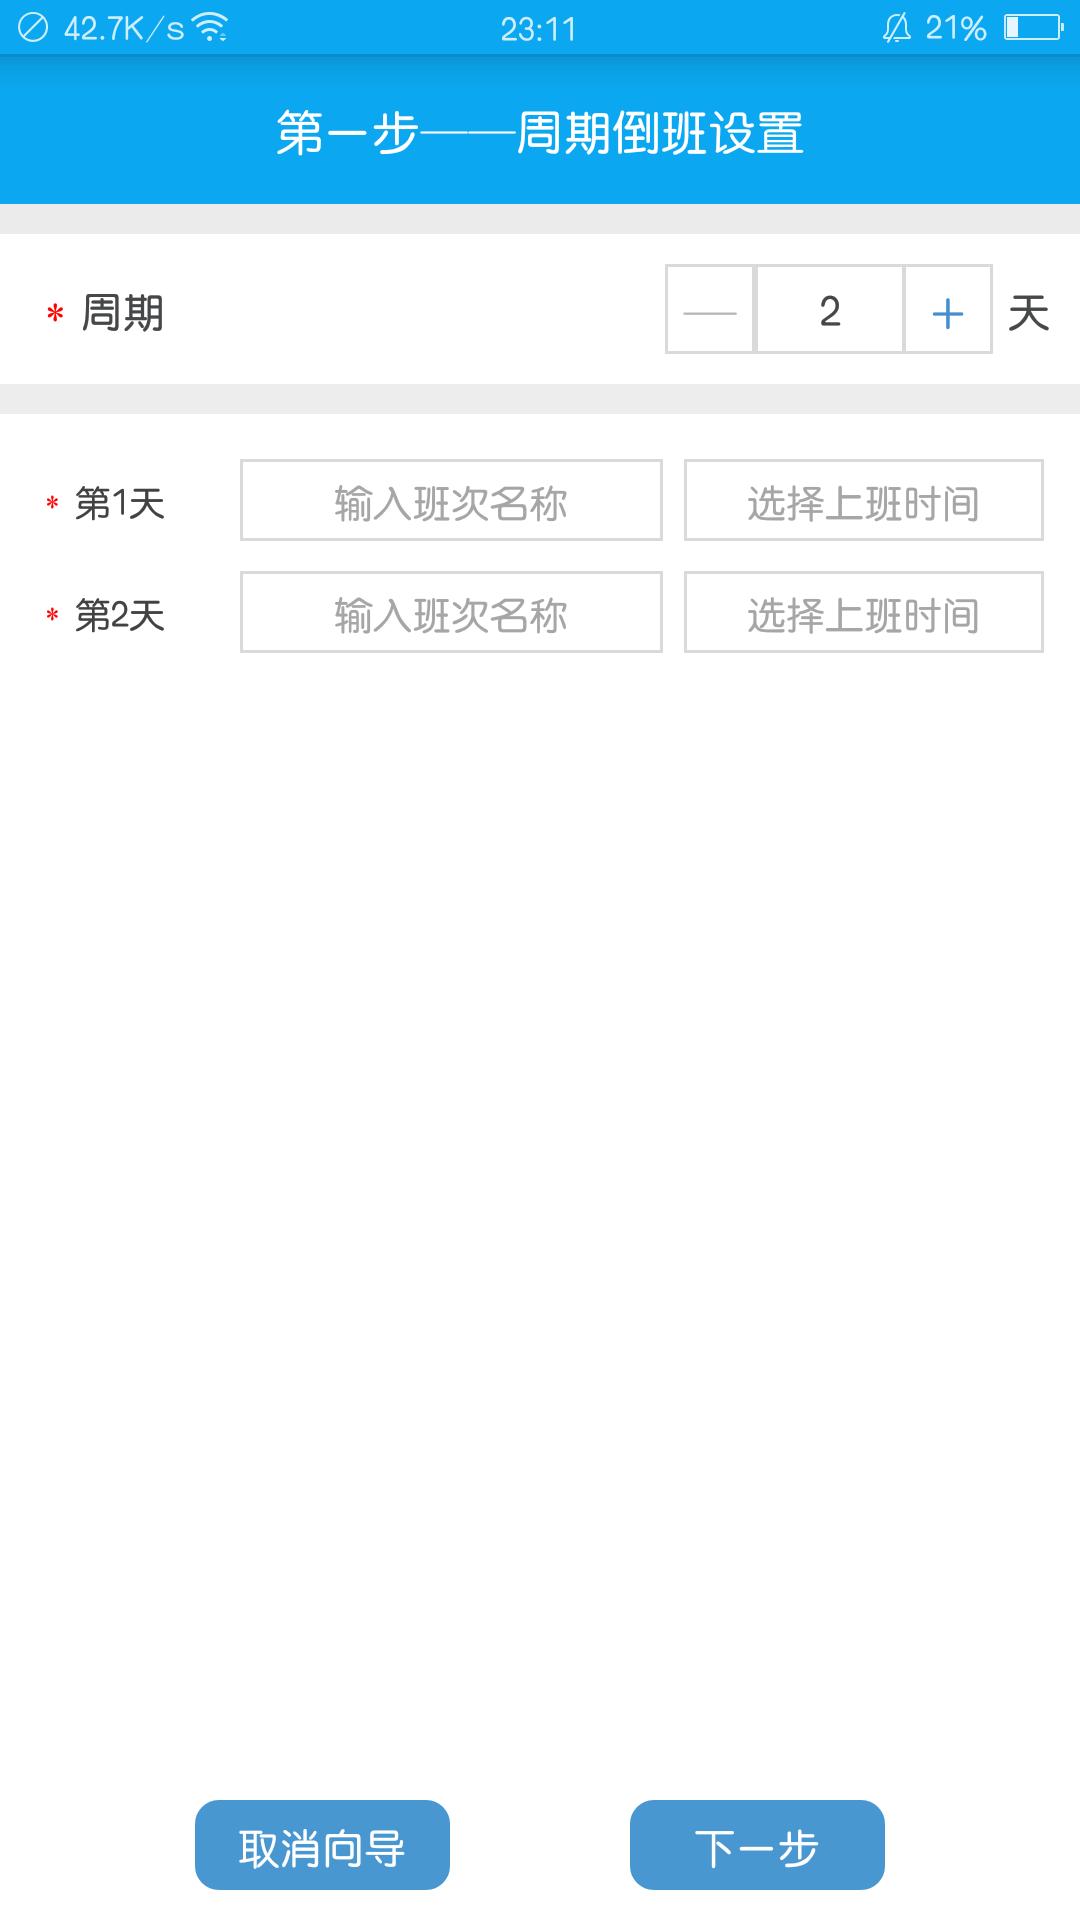 【分享】倒班助手 4.1.1-爱小助